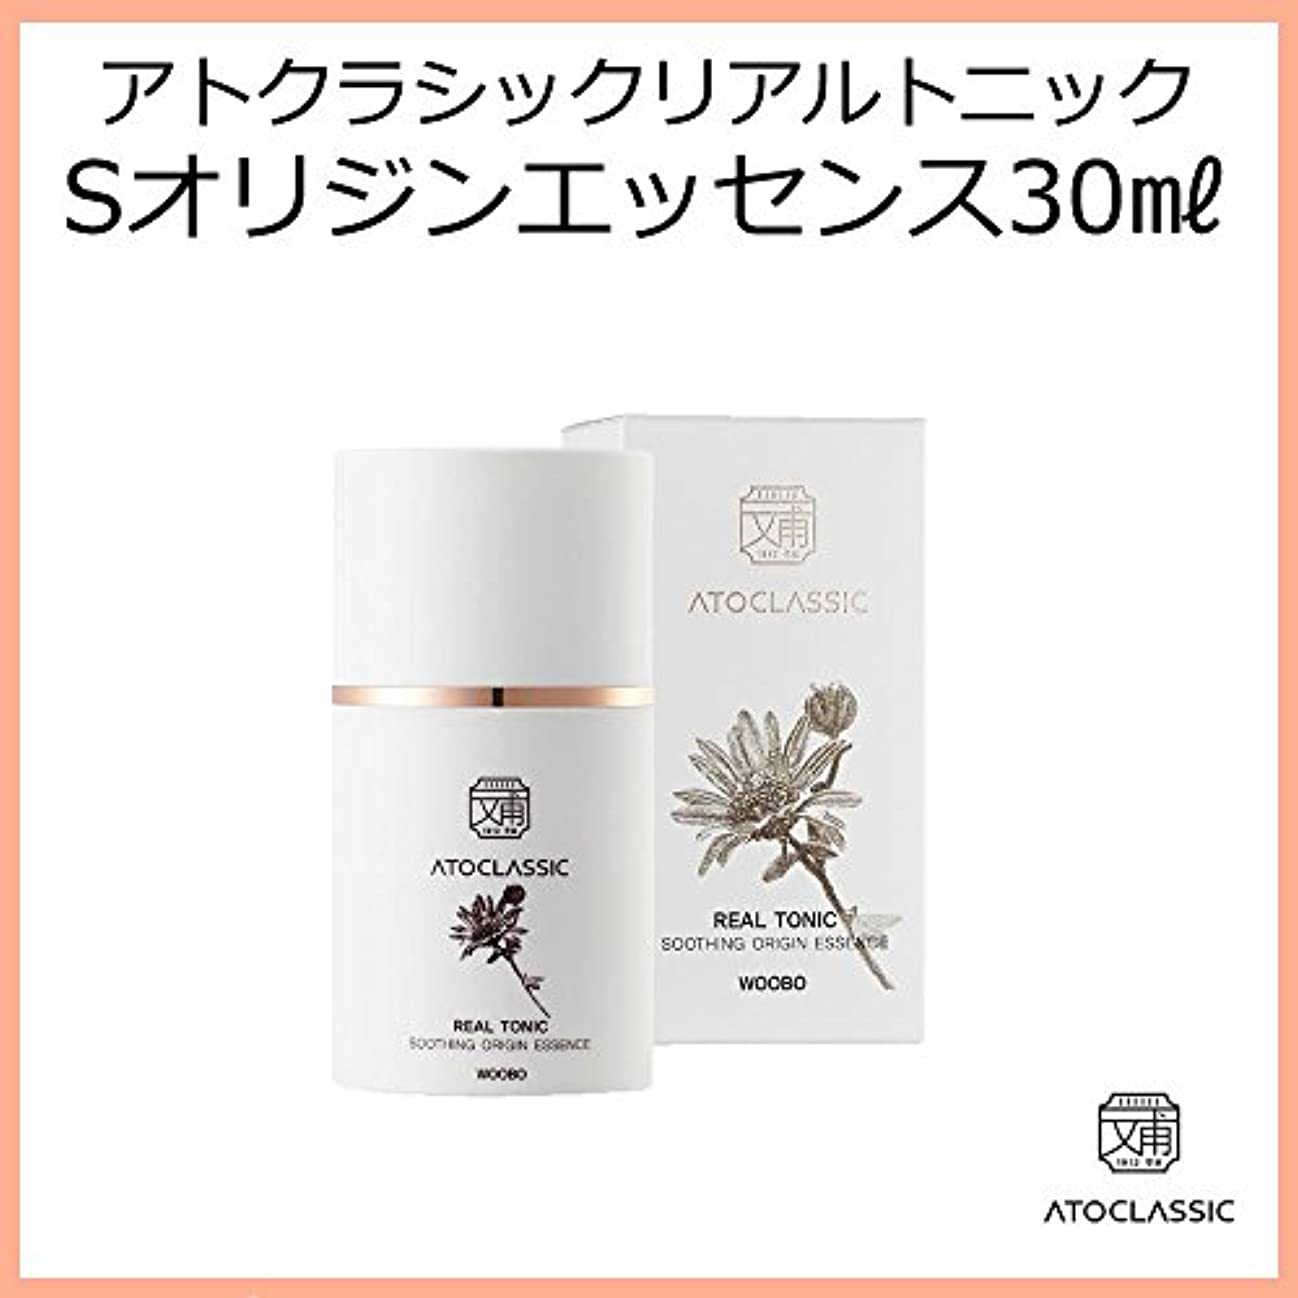 予防接種する機動重要な役割を果たす、中心的な手段となる韓国コスメ ATOCLASSIC アトクラシックリアルトニック Sオリジンエッセンス(Soothing Origin Essence)  30ml